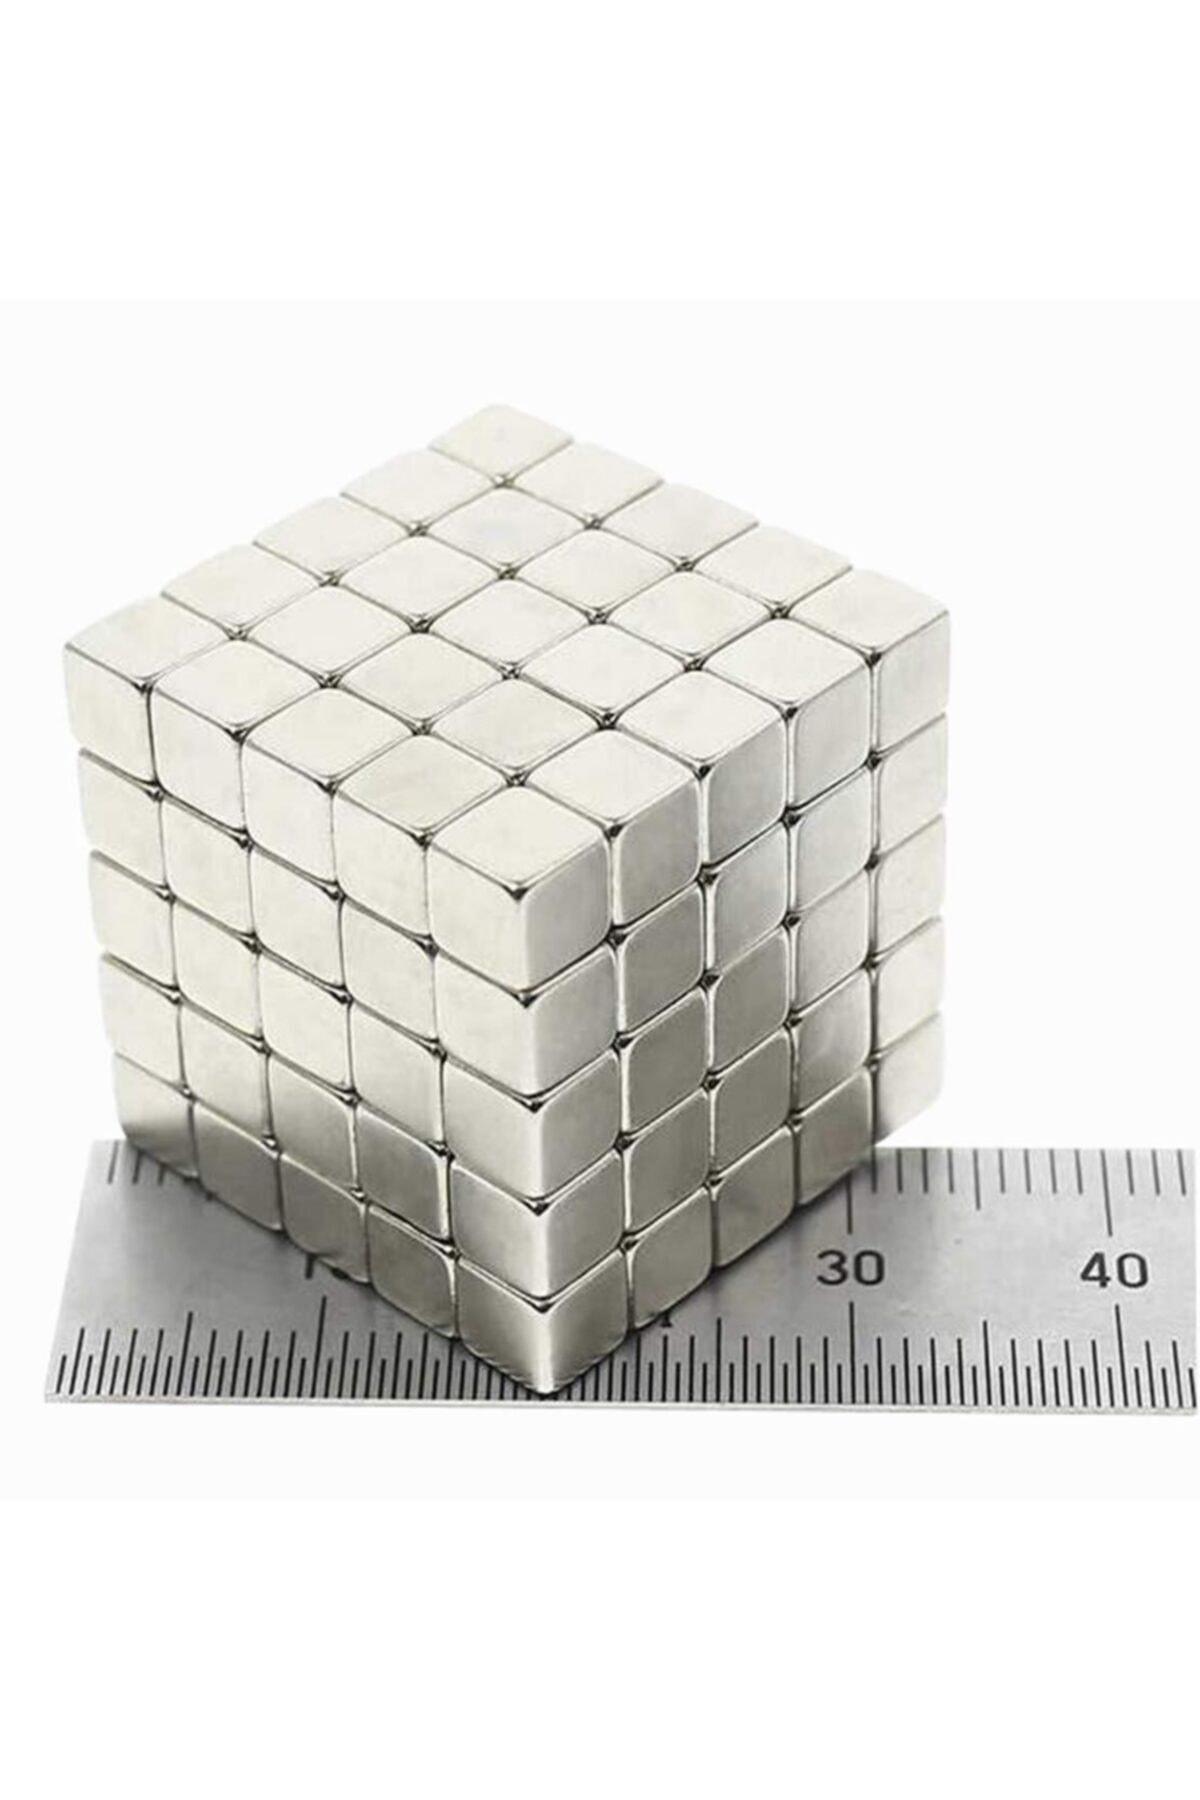 Dünya Magnet 30 Adet 5x5x5 Küp Neodyum Mıknatıs - Güçlü Magnet (30'lu Paket) 1